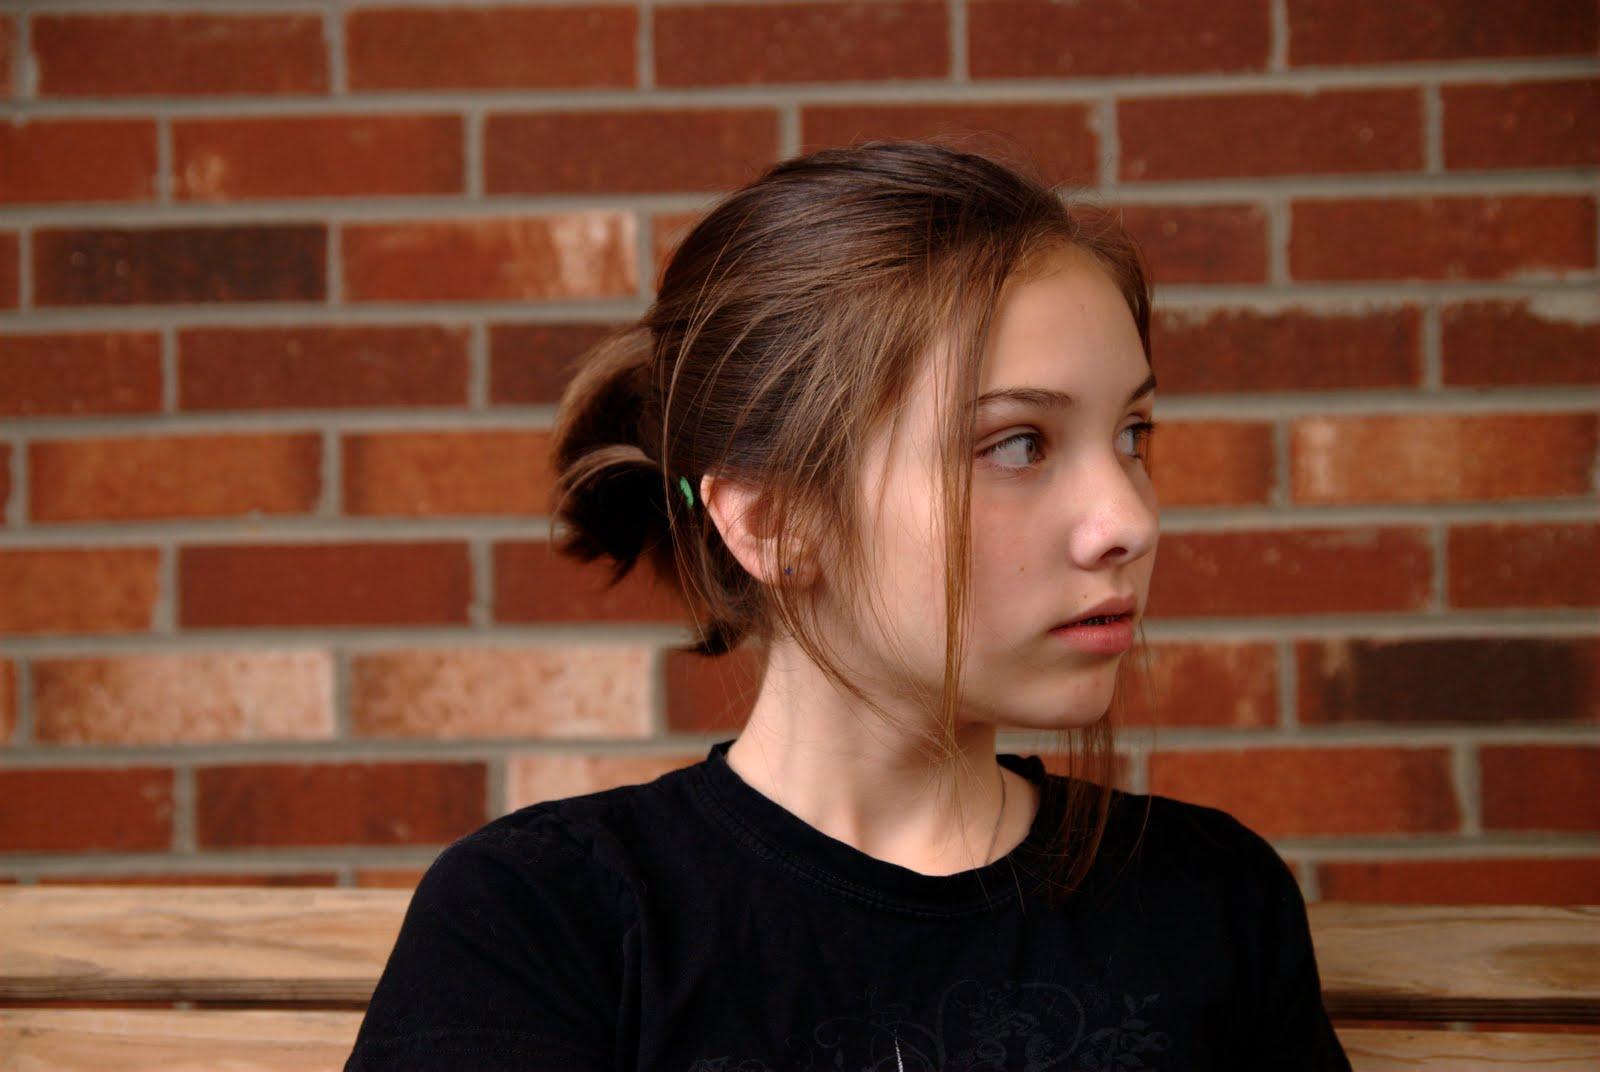 Jenna Jaded